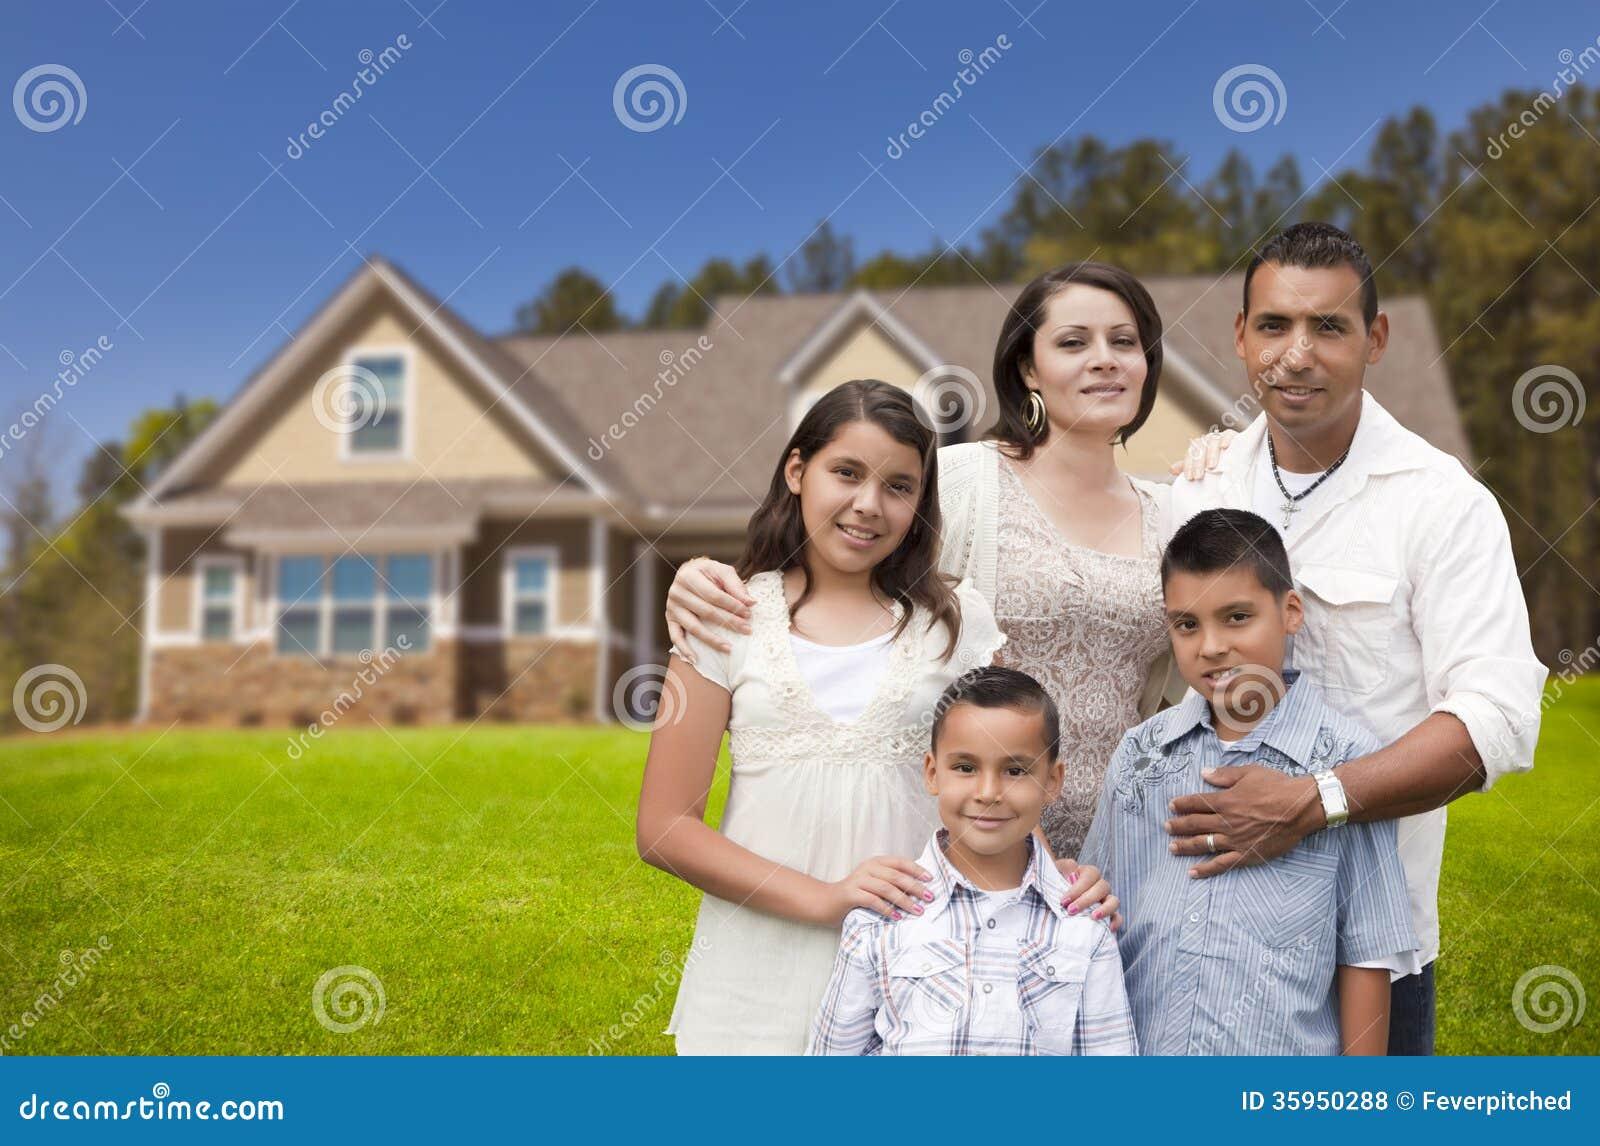 Młoda Latynoska rodzina przed Ich Nowym domem